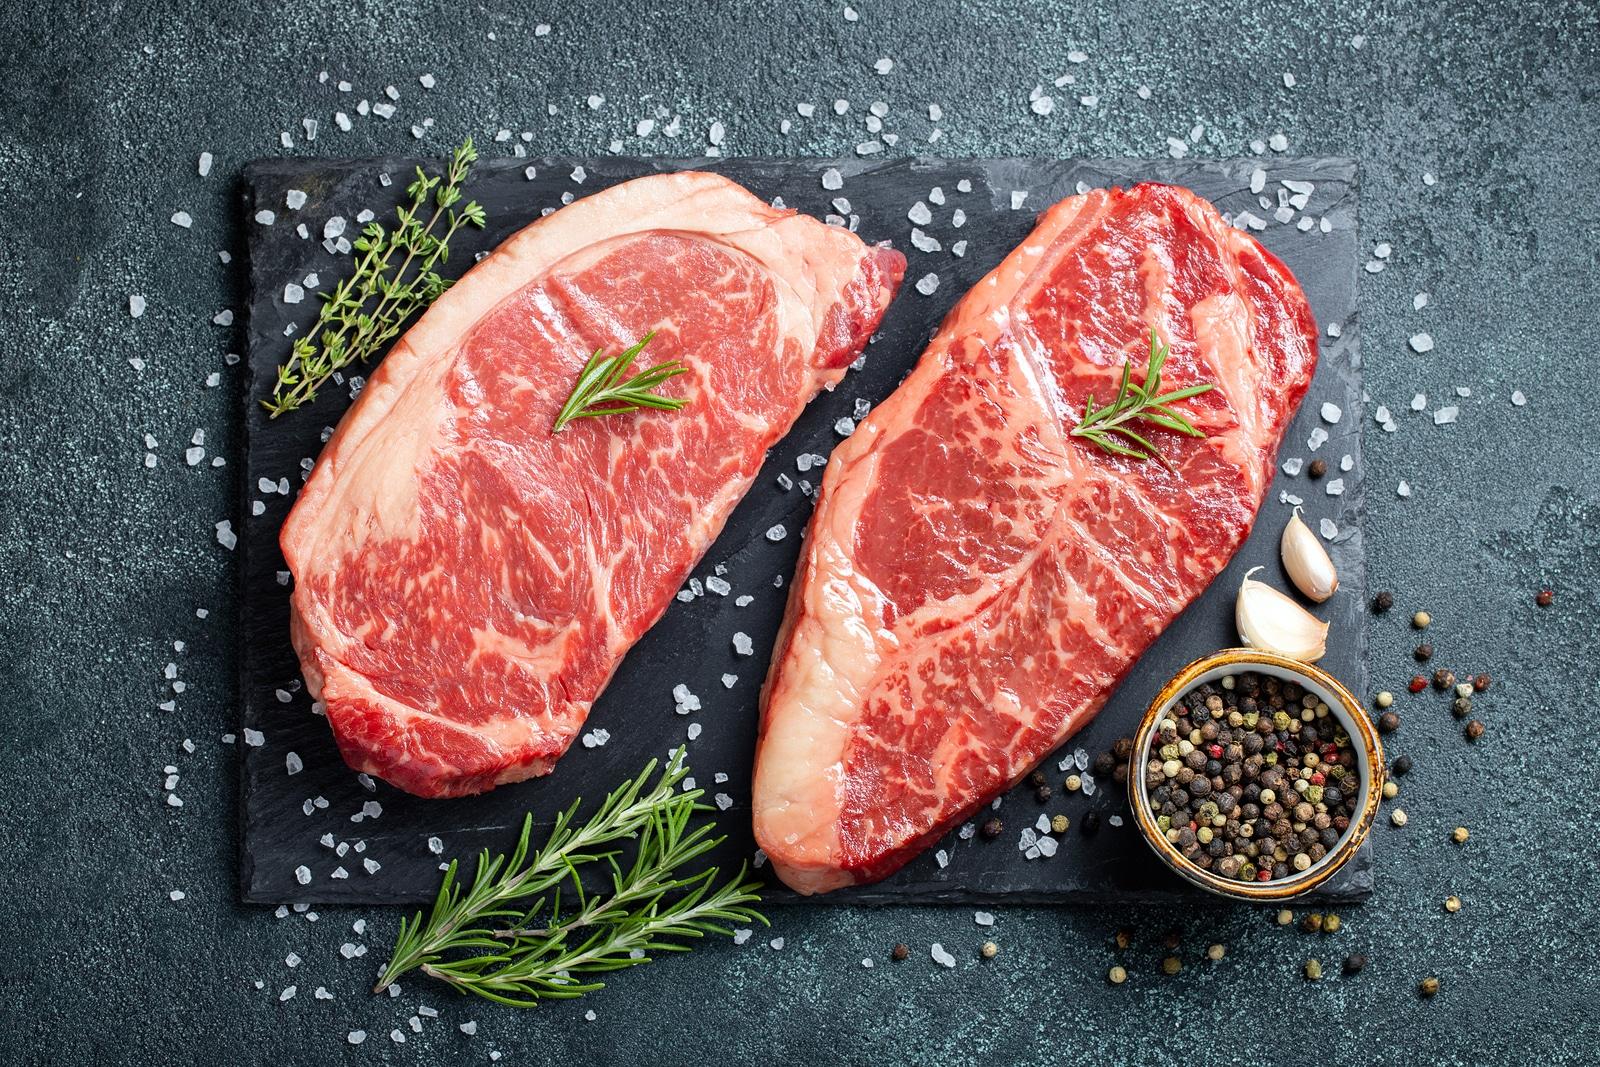 pierderea de grăsime a sănătății bărbaților pierdere în greutate maximă pe săptămână